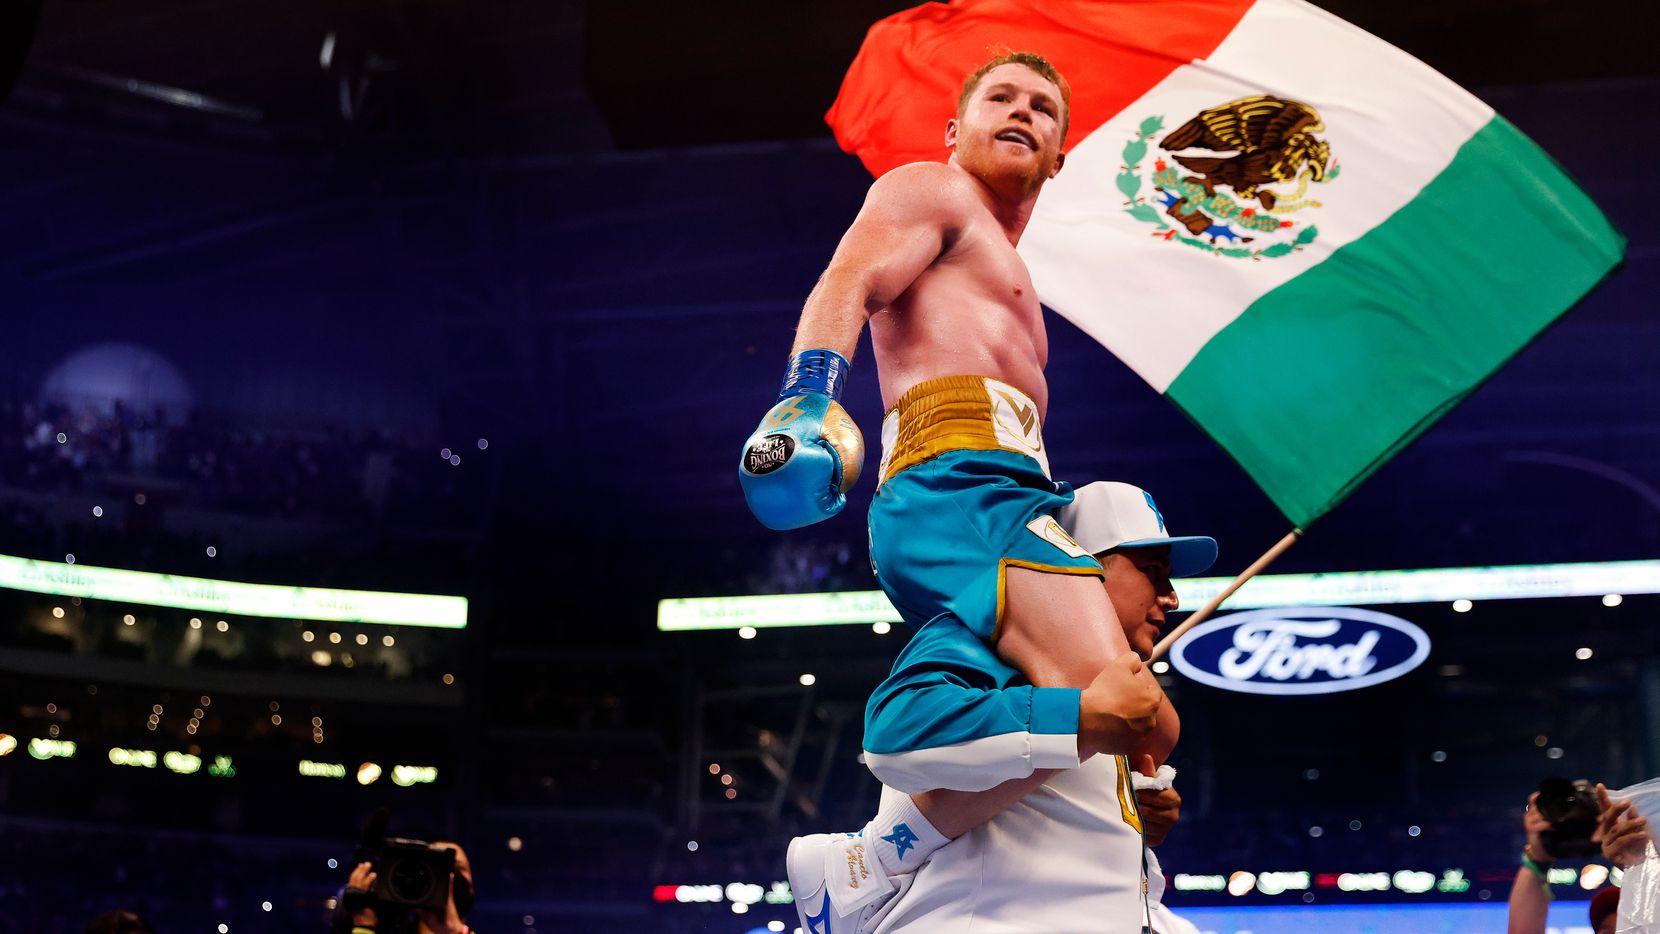 El boxeador Canelo Álvarez celebra después de derrotar a Billy Joe Saunders en el octavo asalto de su pelea por el título súper mediano en el AT&T Stadium en Arlington, el sábado 8 de mayo de 2021.